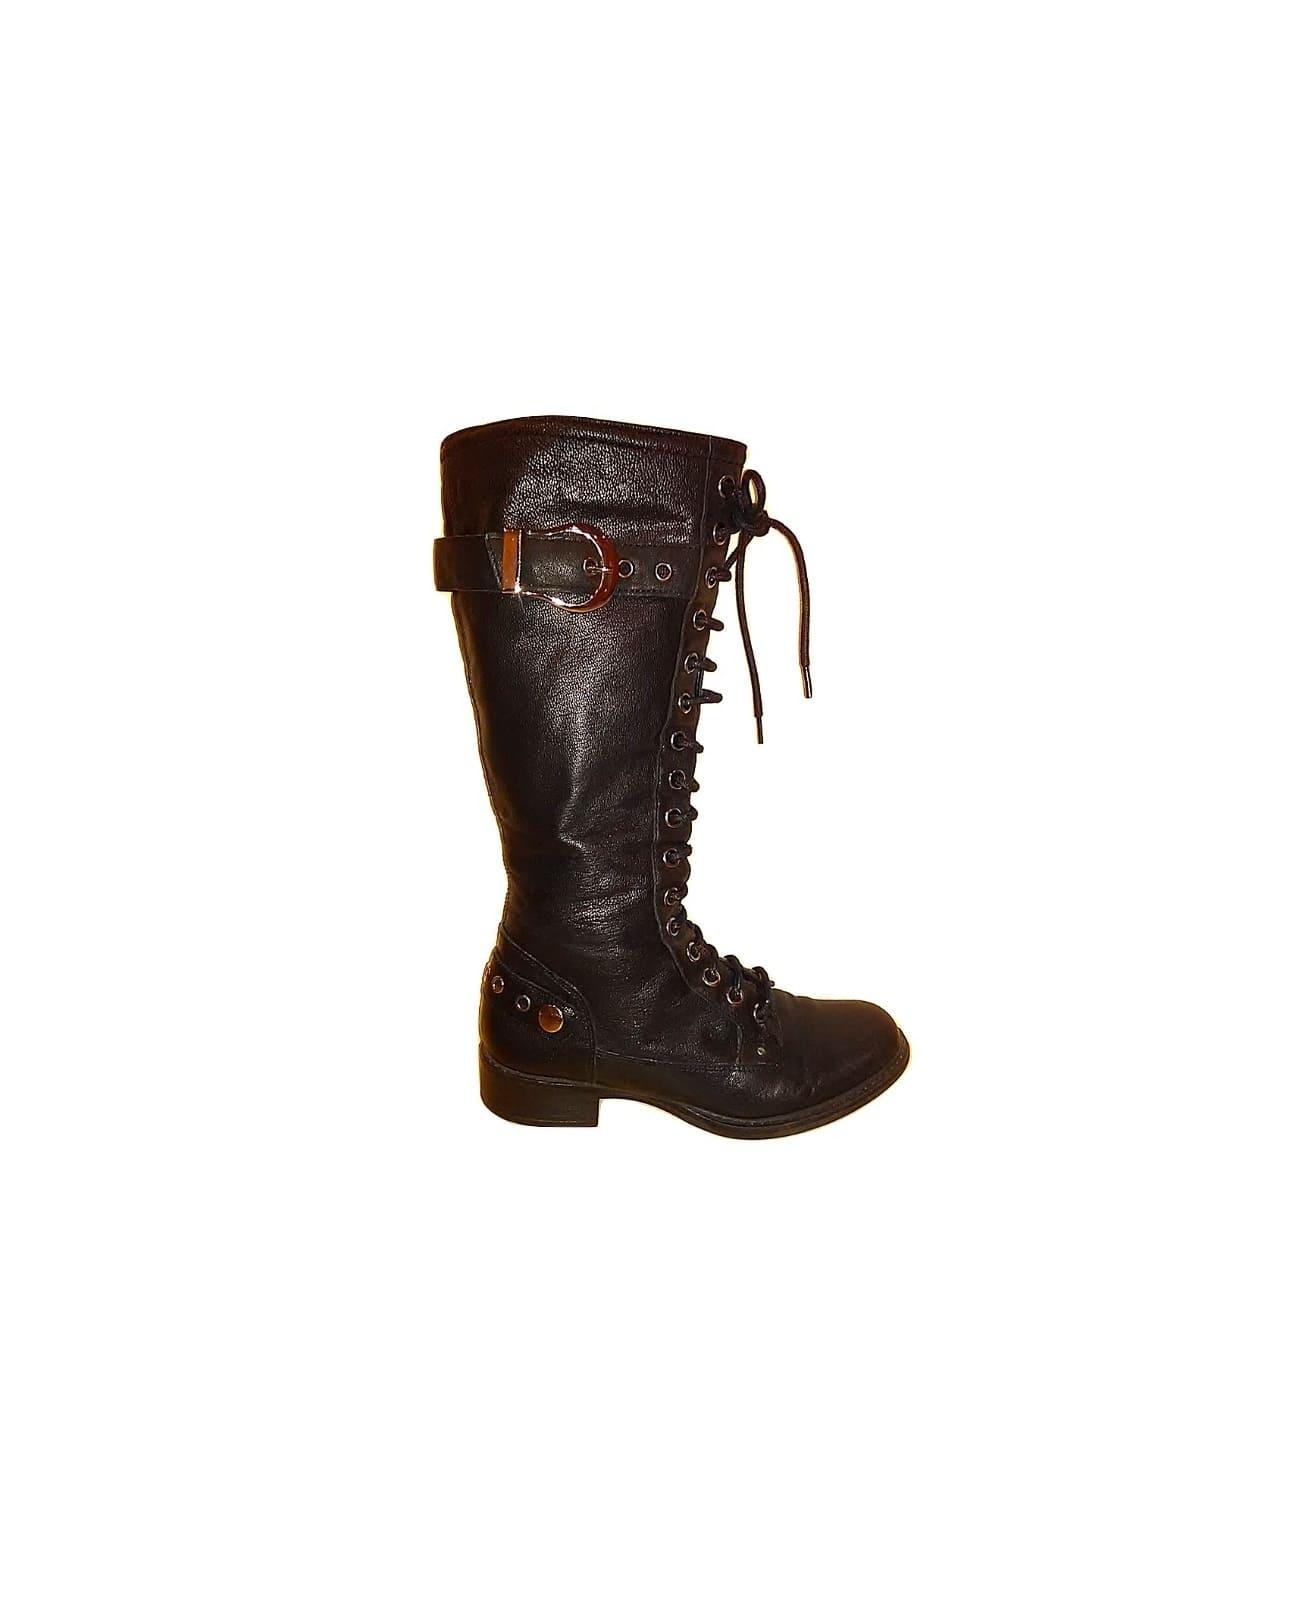 llgaauliai moteriški juodi batai su raišteliais, 37 dydis